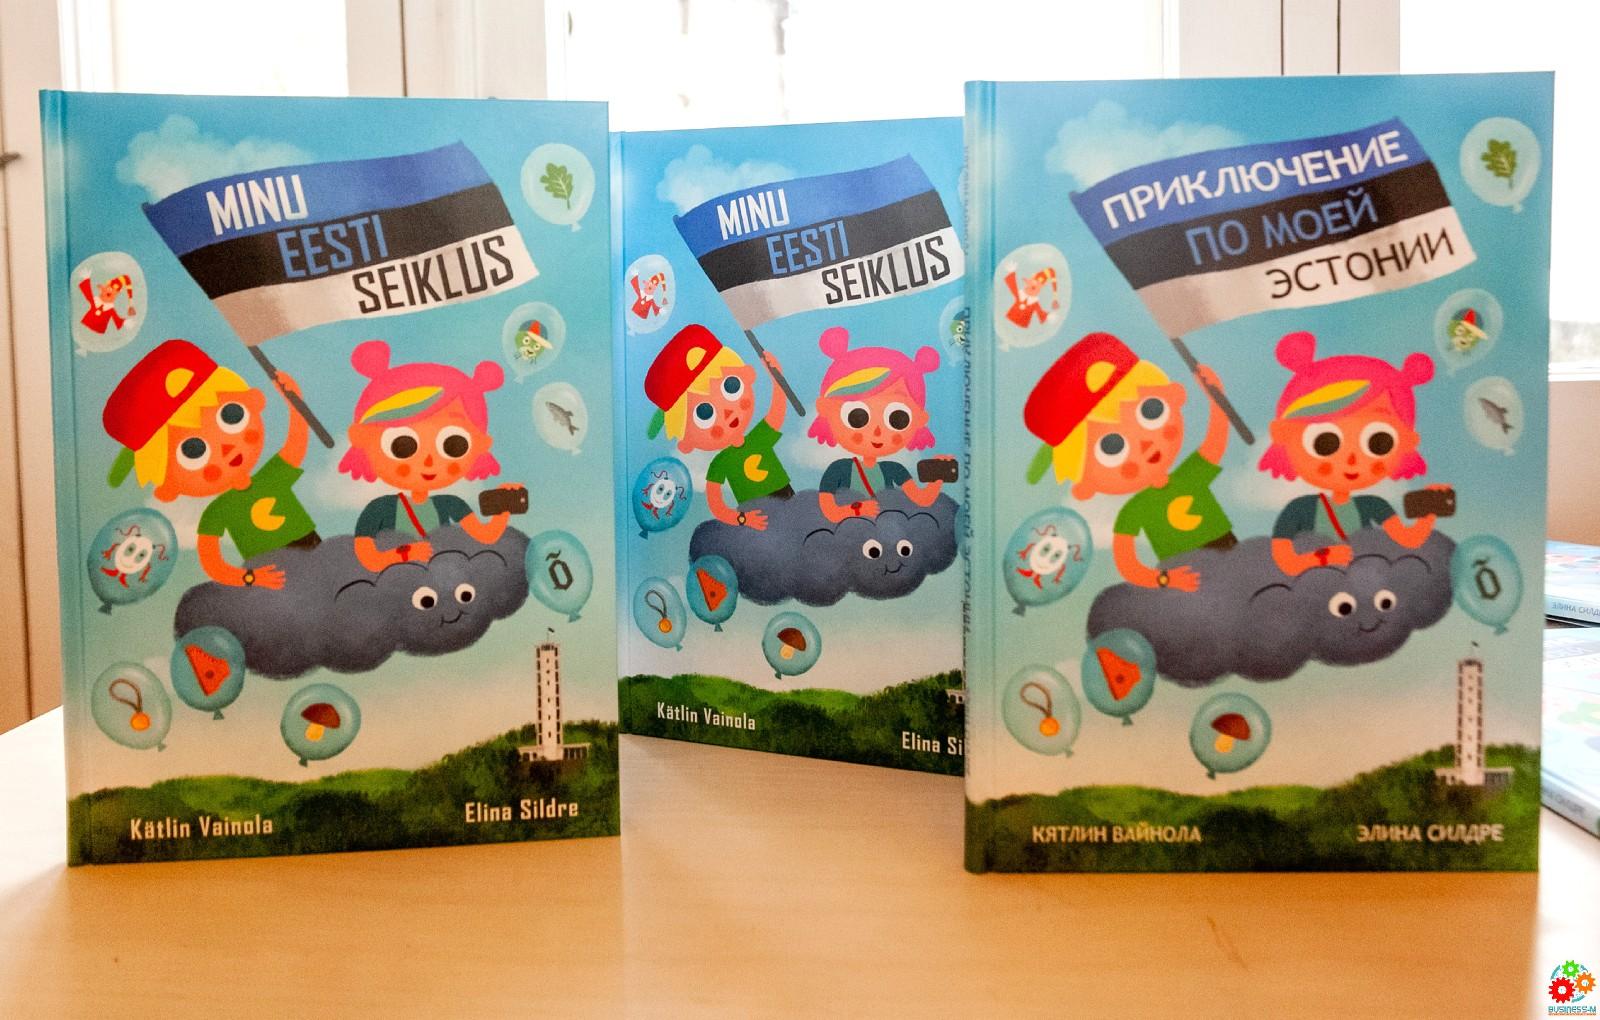 Maxima: вышло продолжение популярной книги приключений об Эстонии